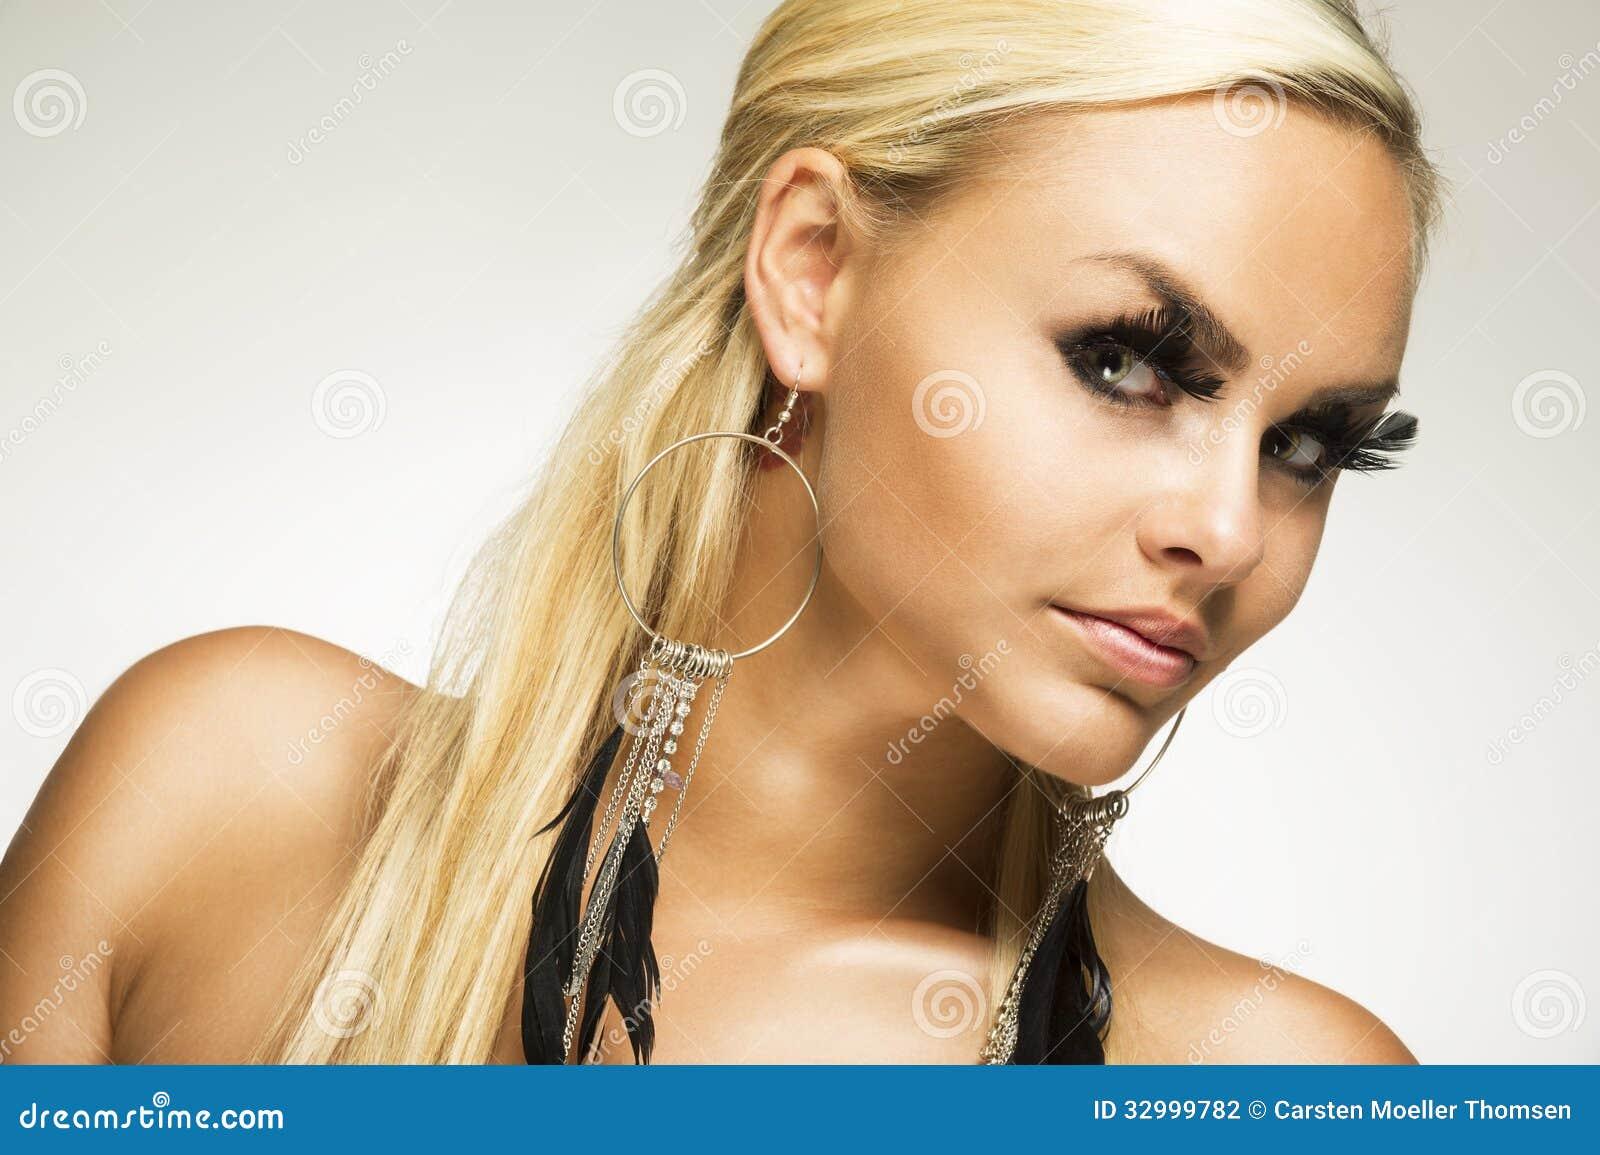 Beautiful Glamorous Woman With False Eyelashes Stock Photo Image